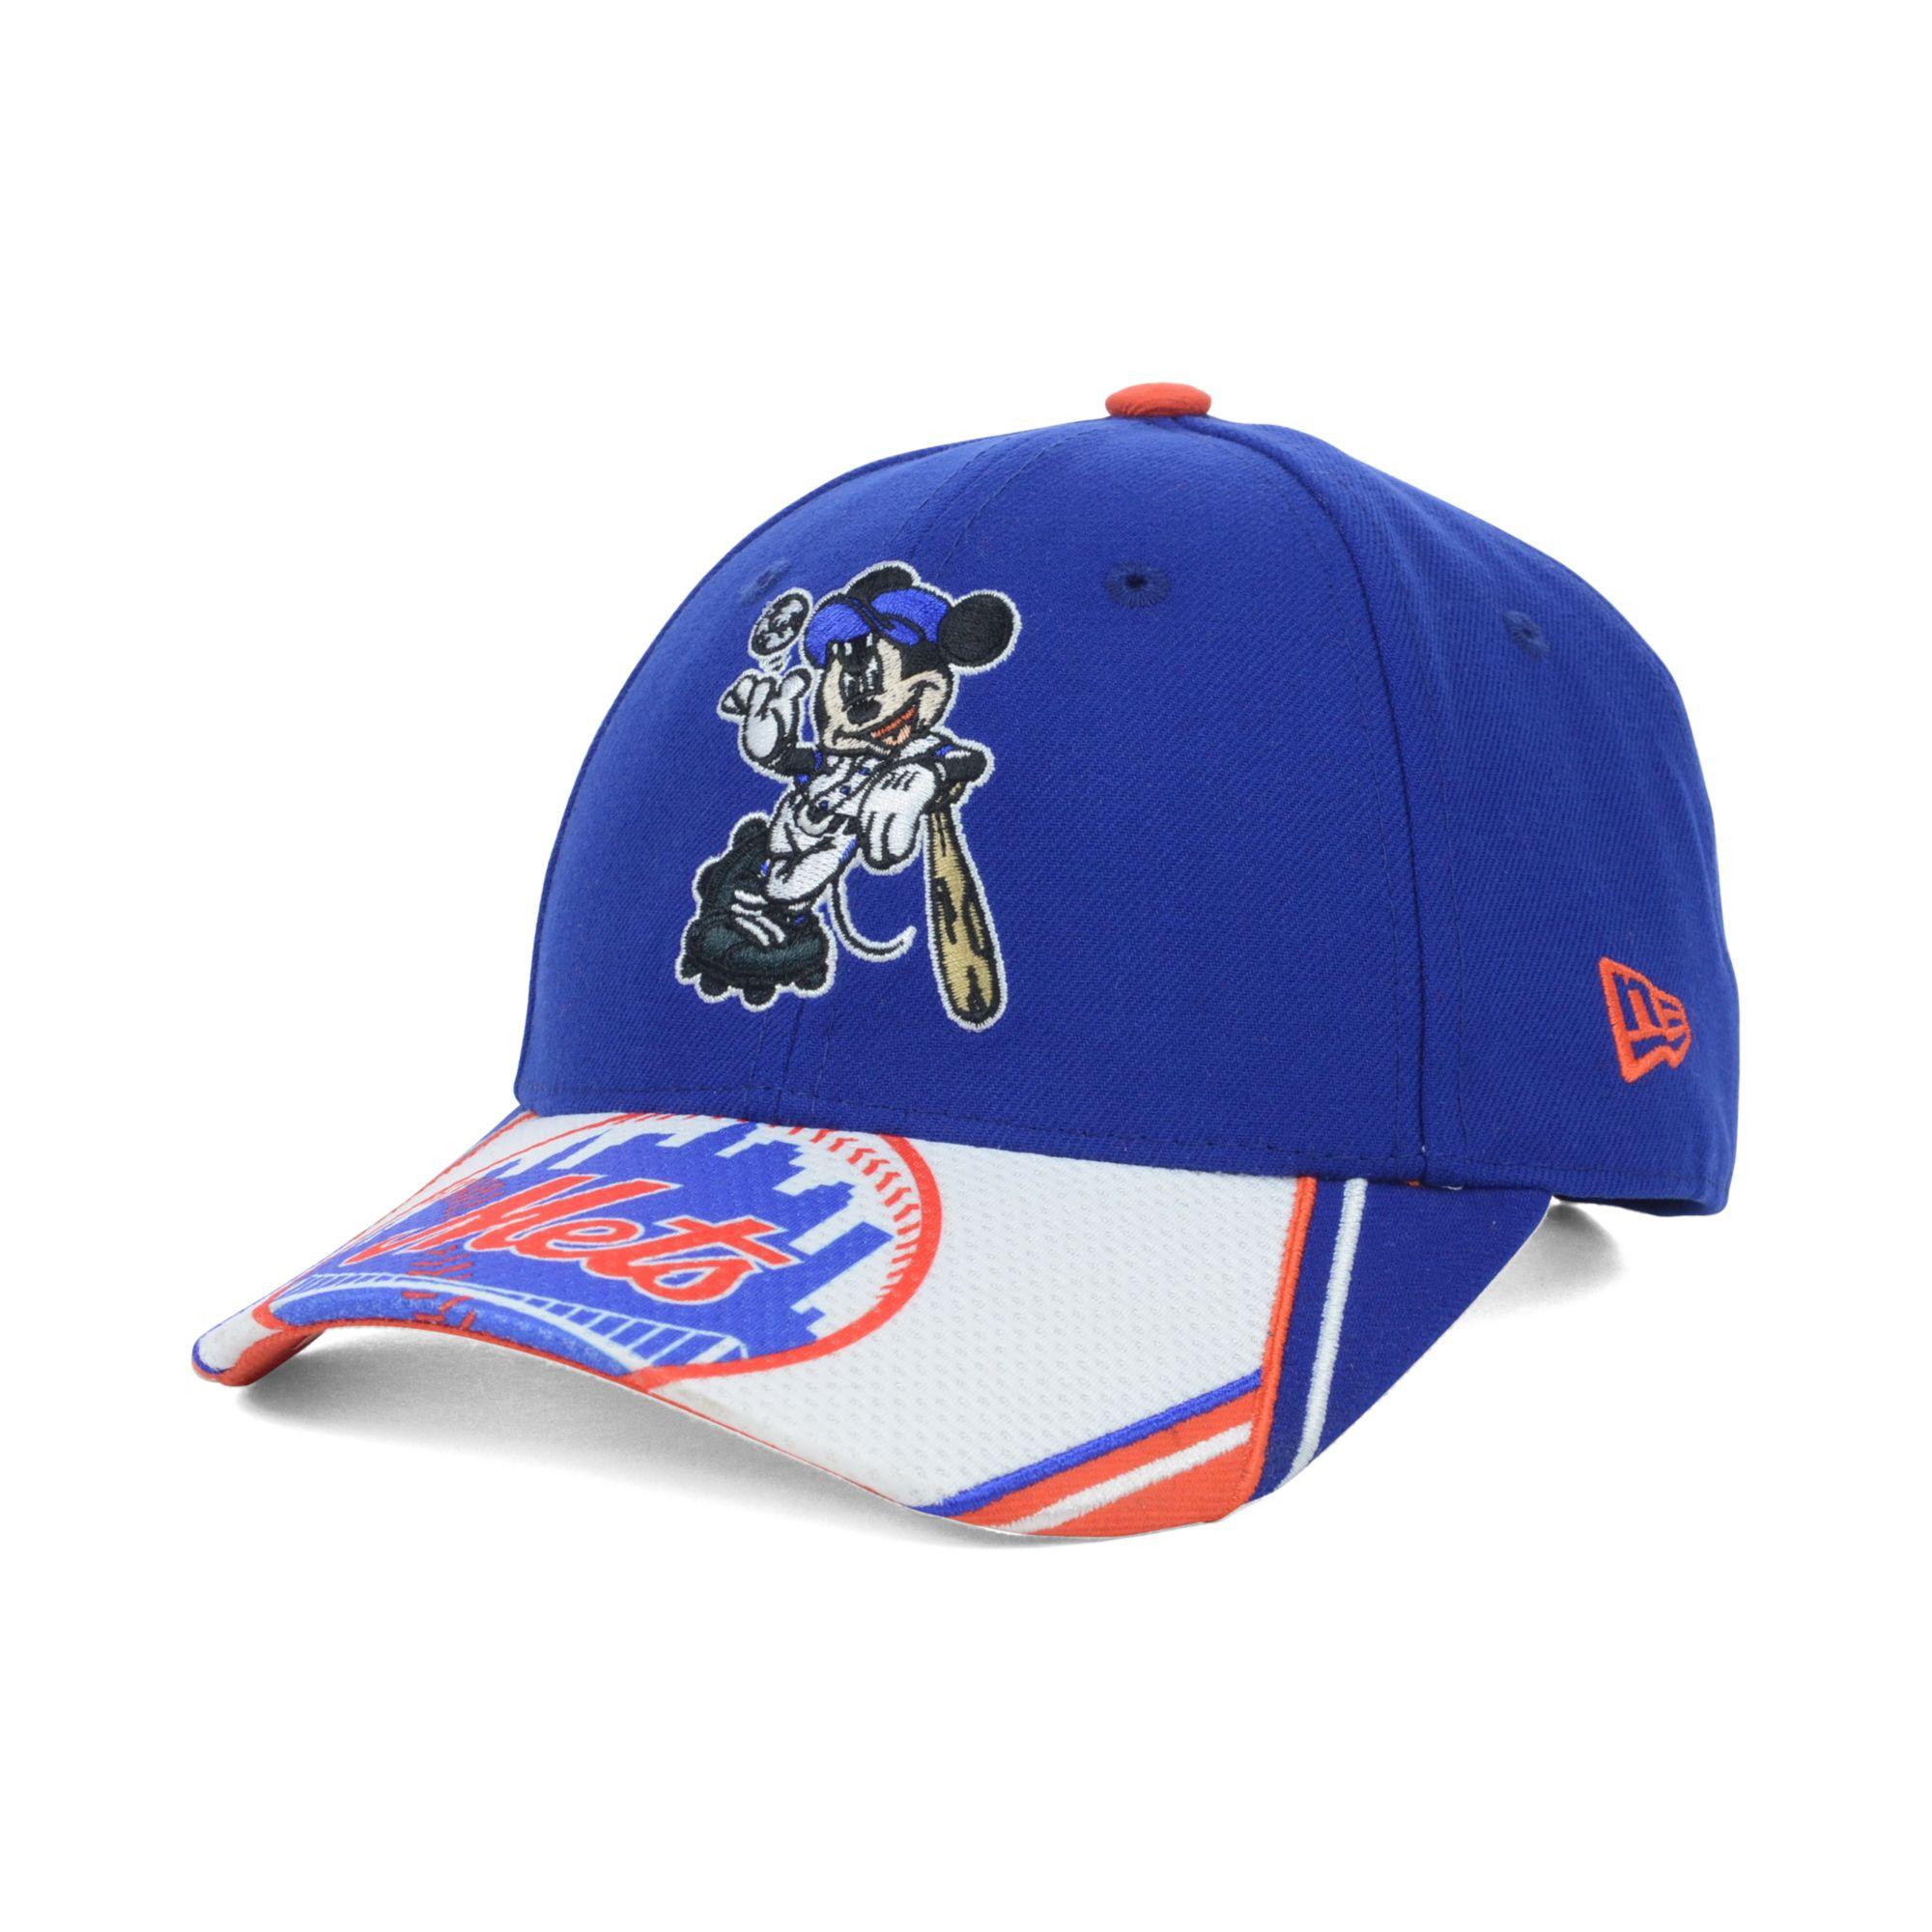 New Era Kids New York Mets Disney Dub Adjustable Cap in ...